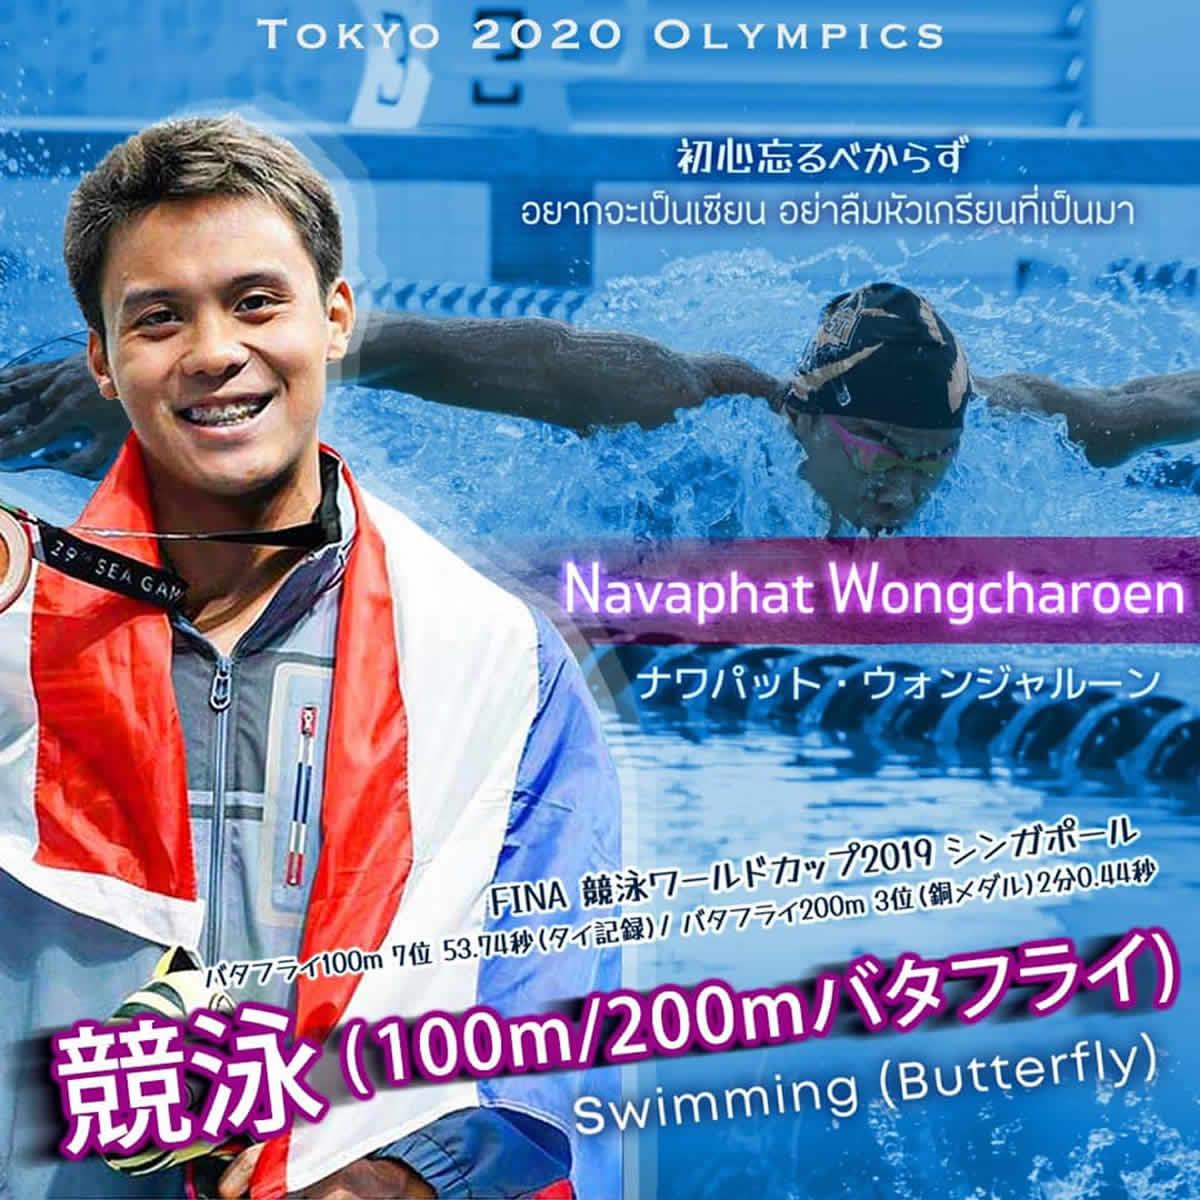 ナワパット・ウォンジャルーン(ワイン)選手[男子競泳 タイ代表]東京2020オリンピック